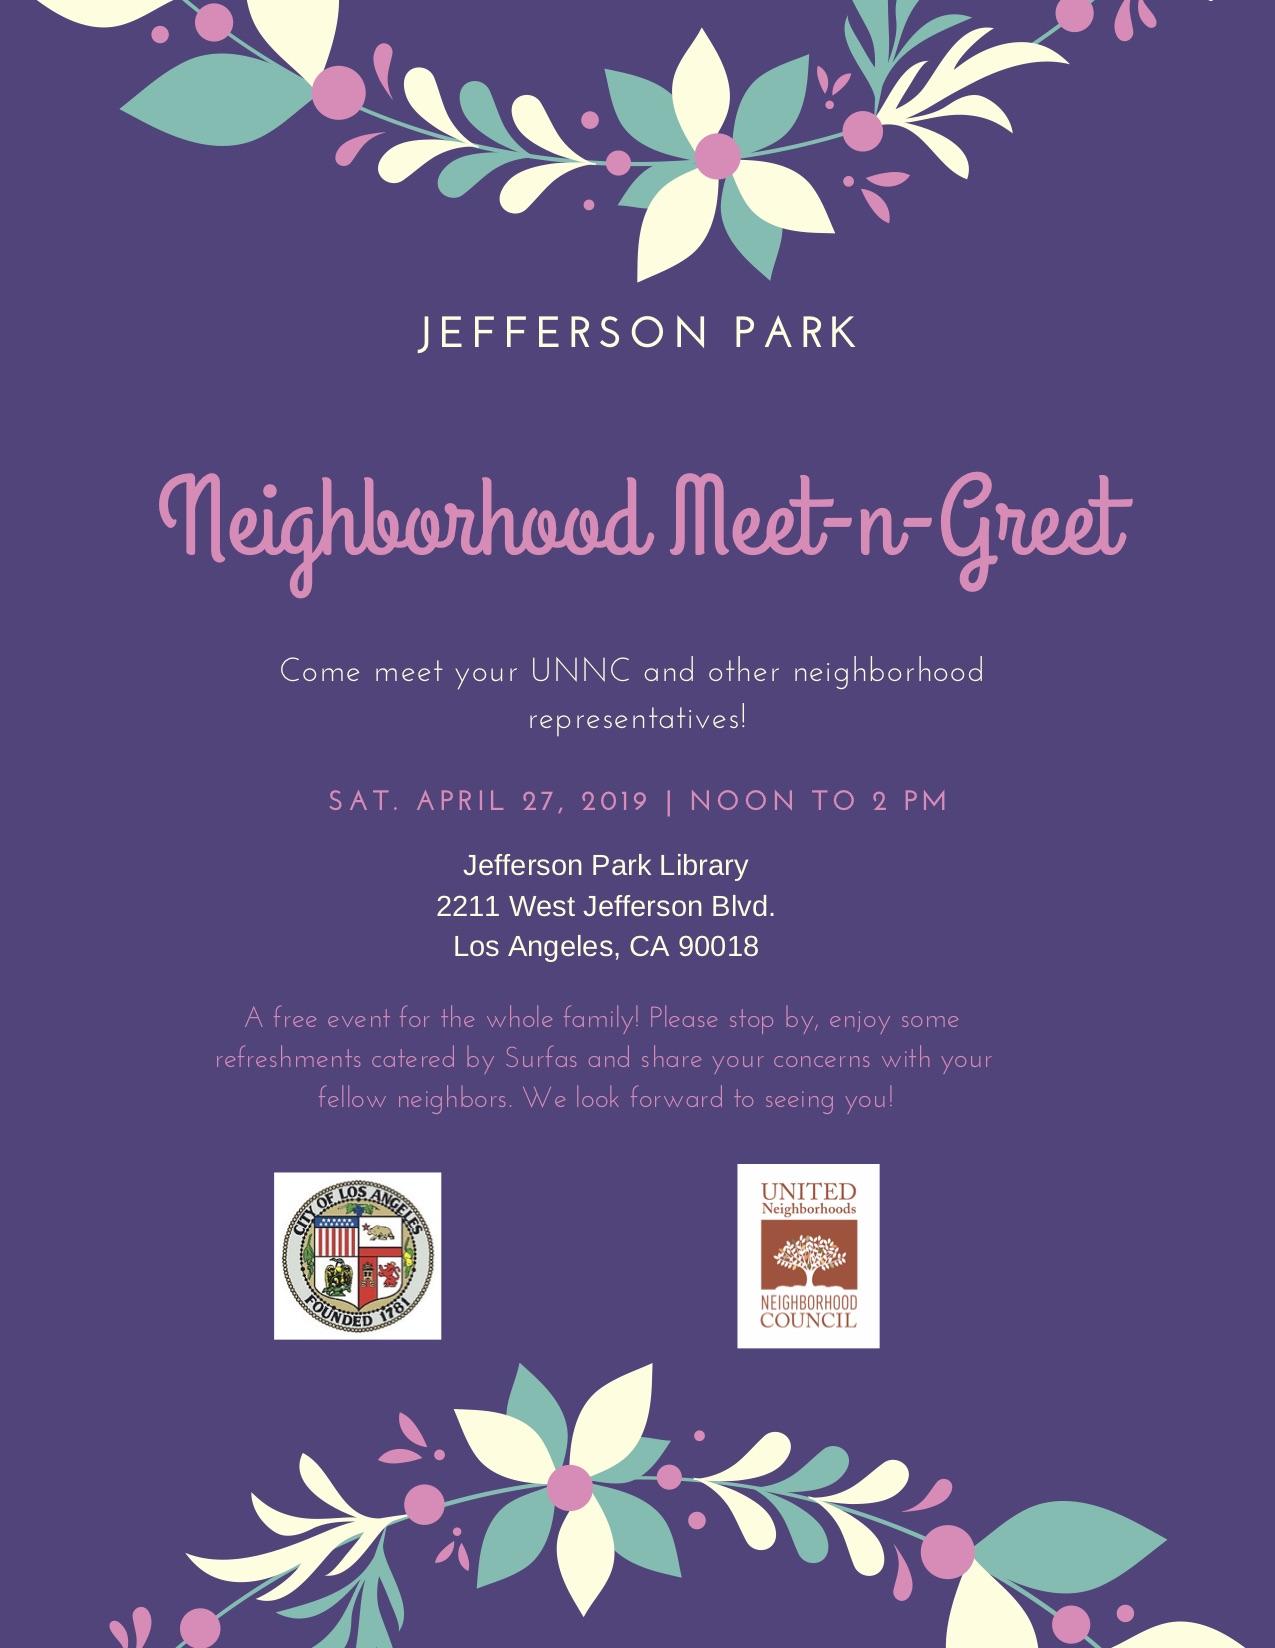 2019-JEFFERSON-PARK-Meet-Greet.jpg